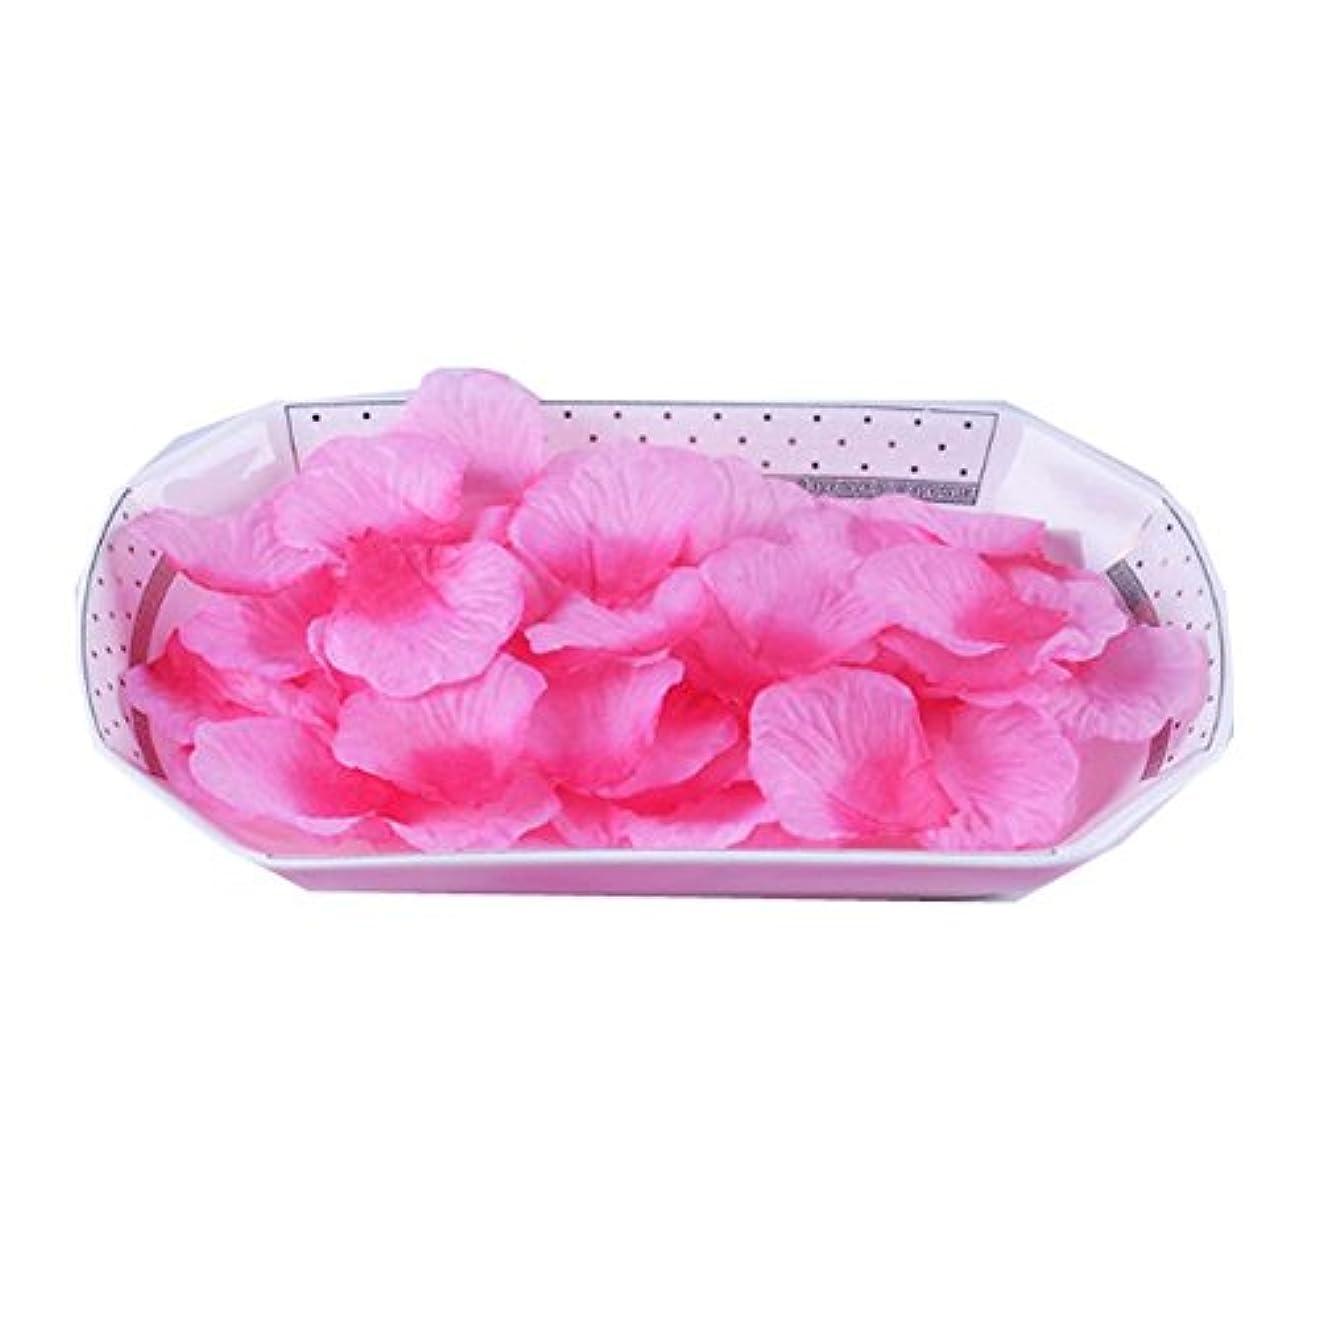 ワイヤー名誉ある餌人工ローズ花びら婚約のピンクの花びらはピンク3000のセット